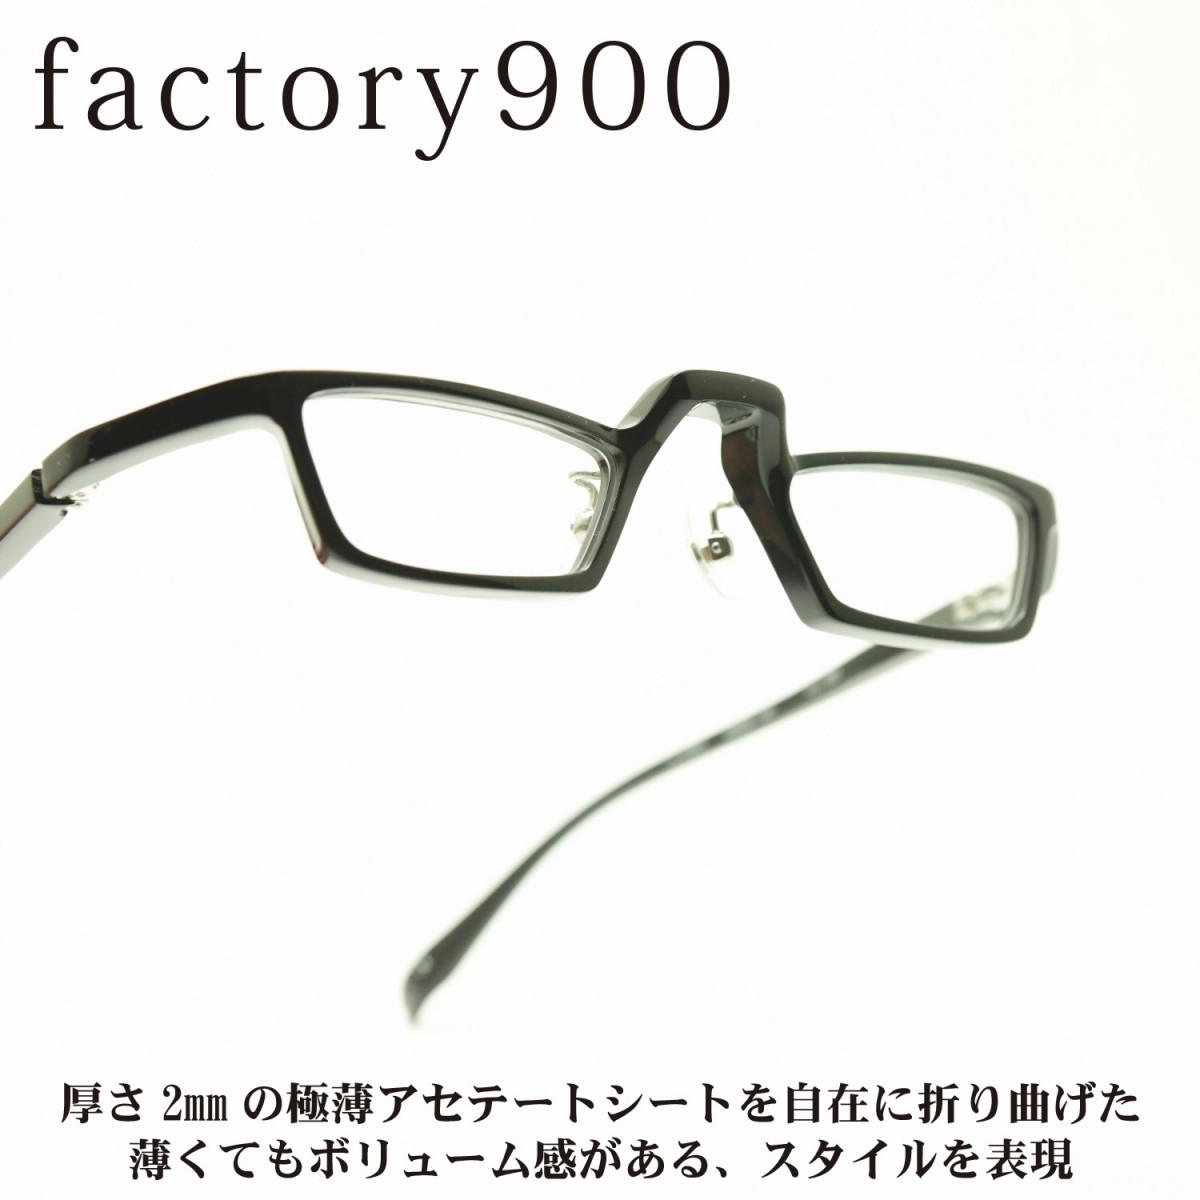 画像1: factory900 ファクトリー900 FA-2040 col-001 リーディンググラス 老眼鏡用フレーム (1)